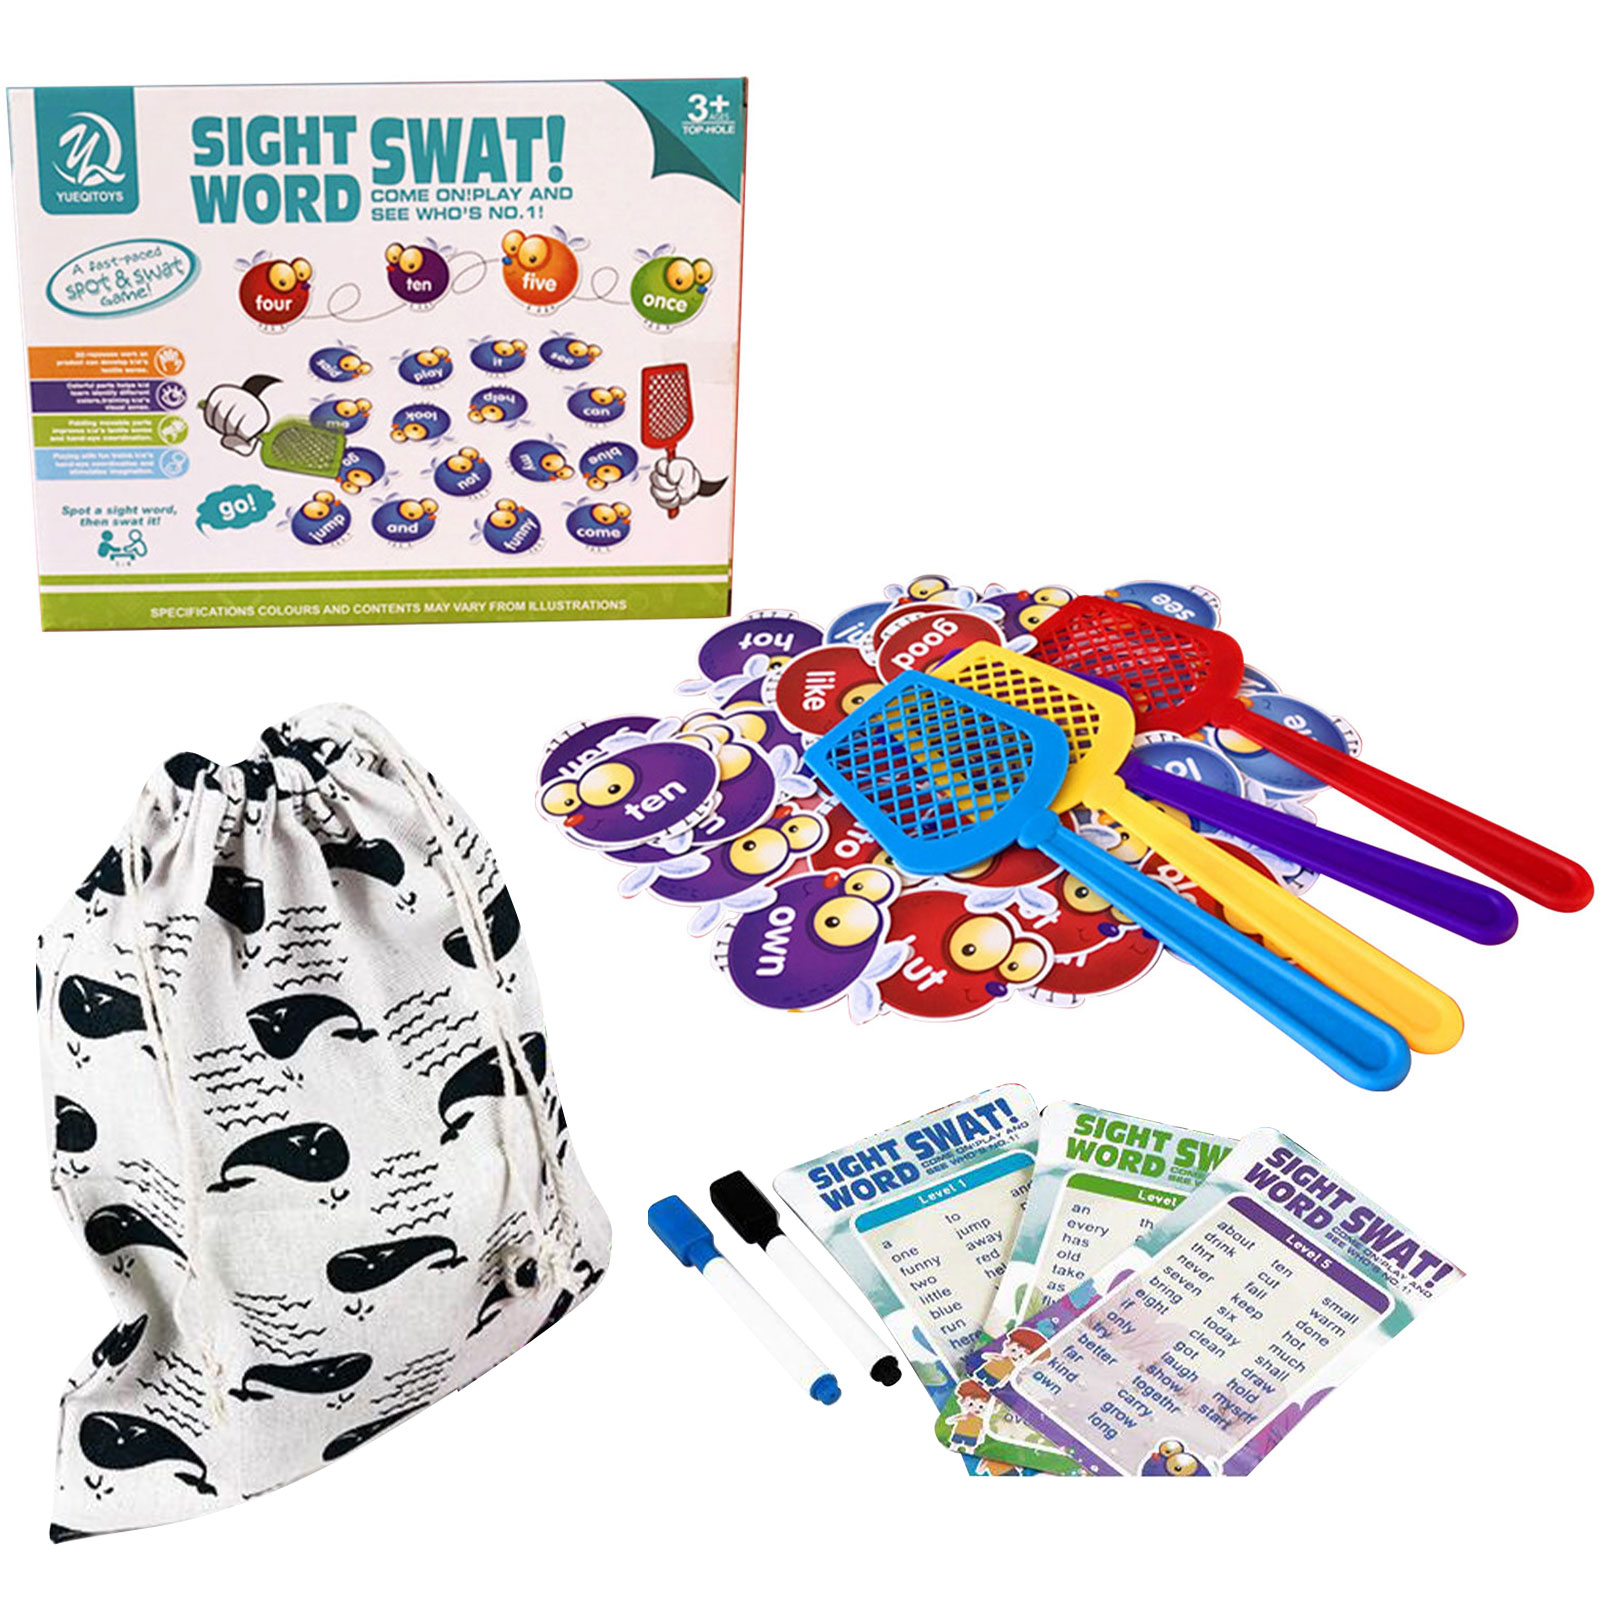 Фото - Обучающая игра для визуального обучения, развивающая игра для малышей, подарок для детей 3 + поставки говорящие слова развивающая игра для детей